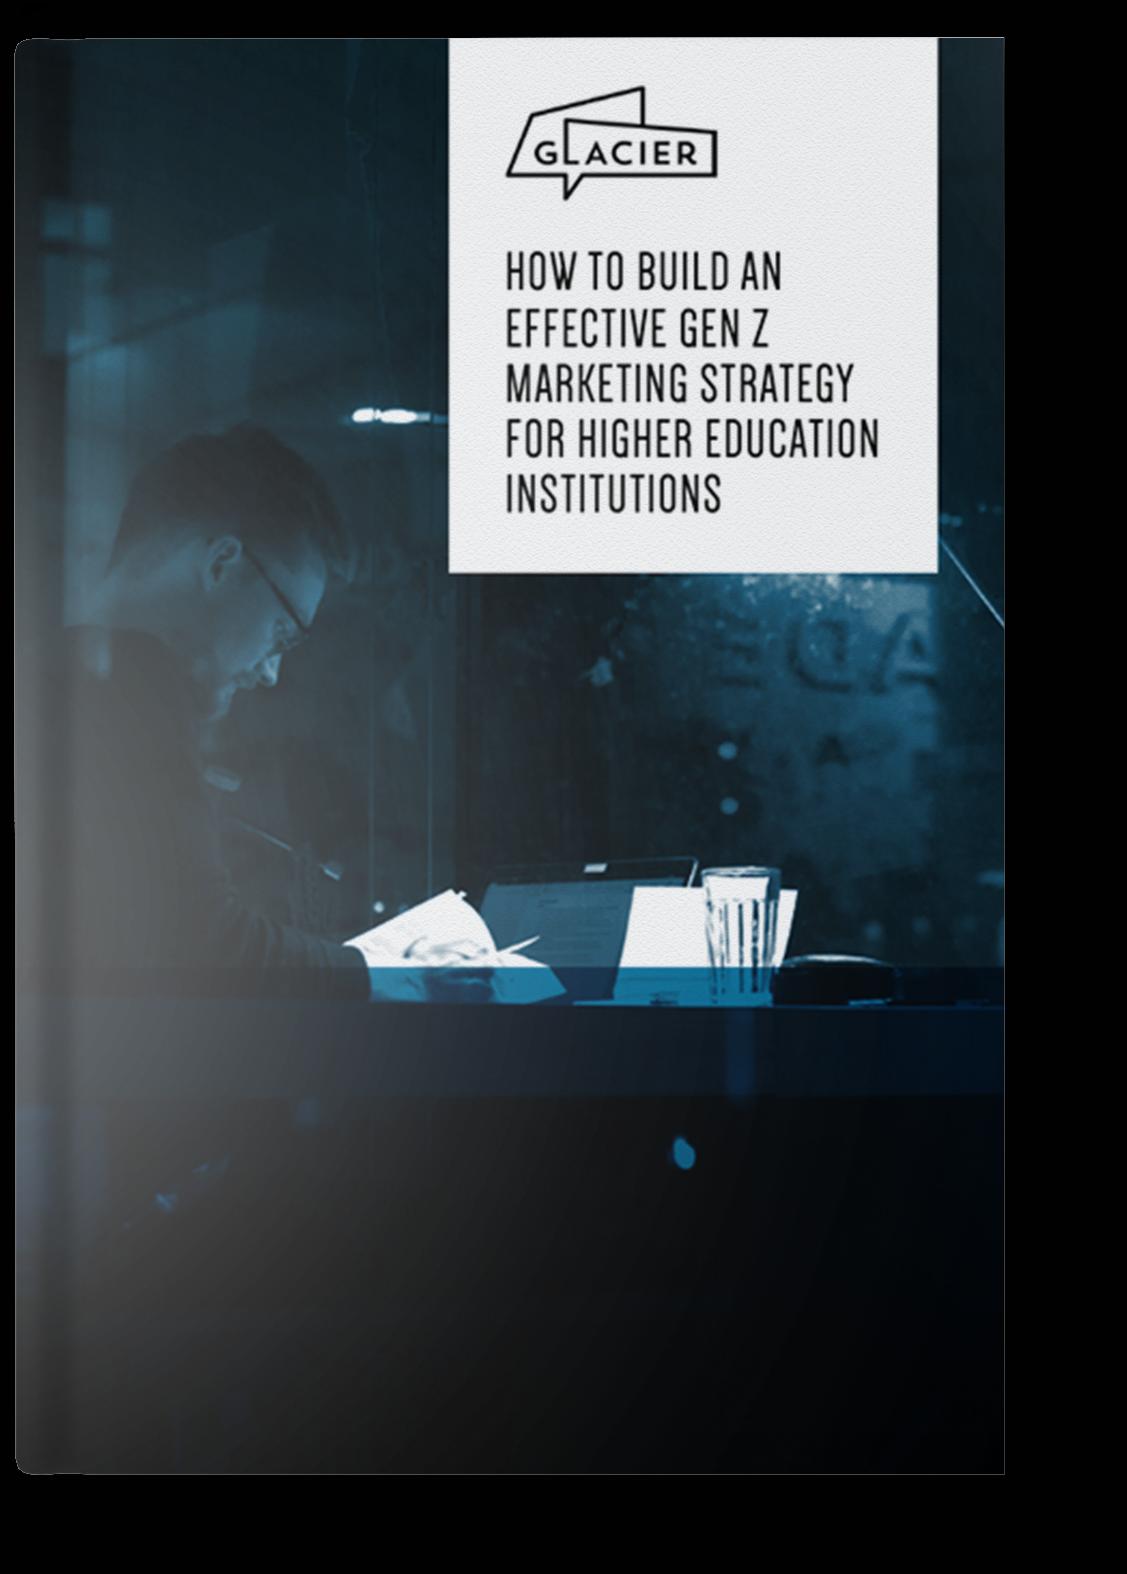 HigherEd_eBook